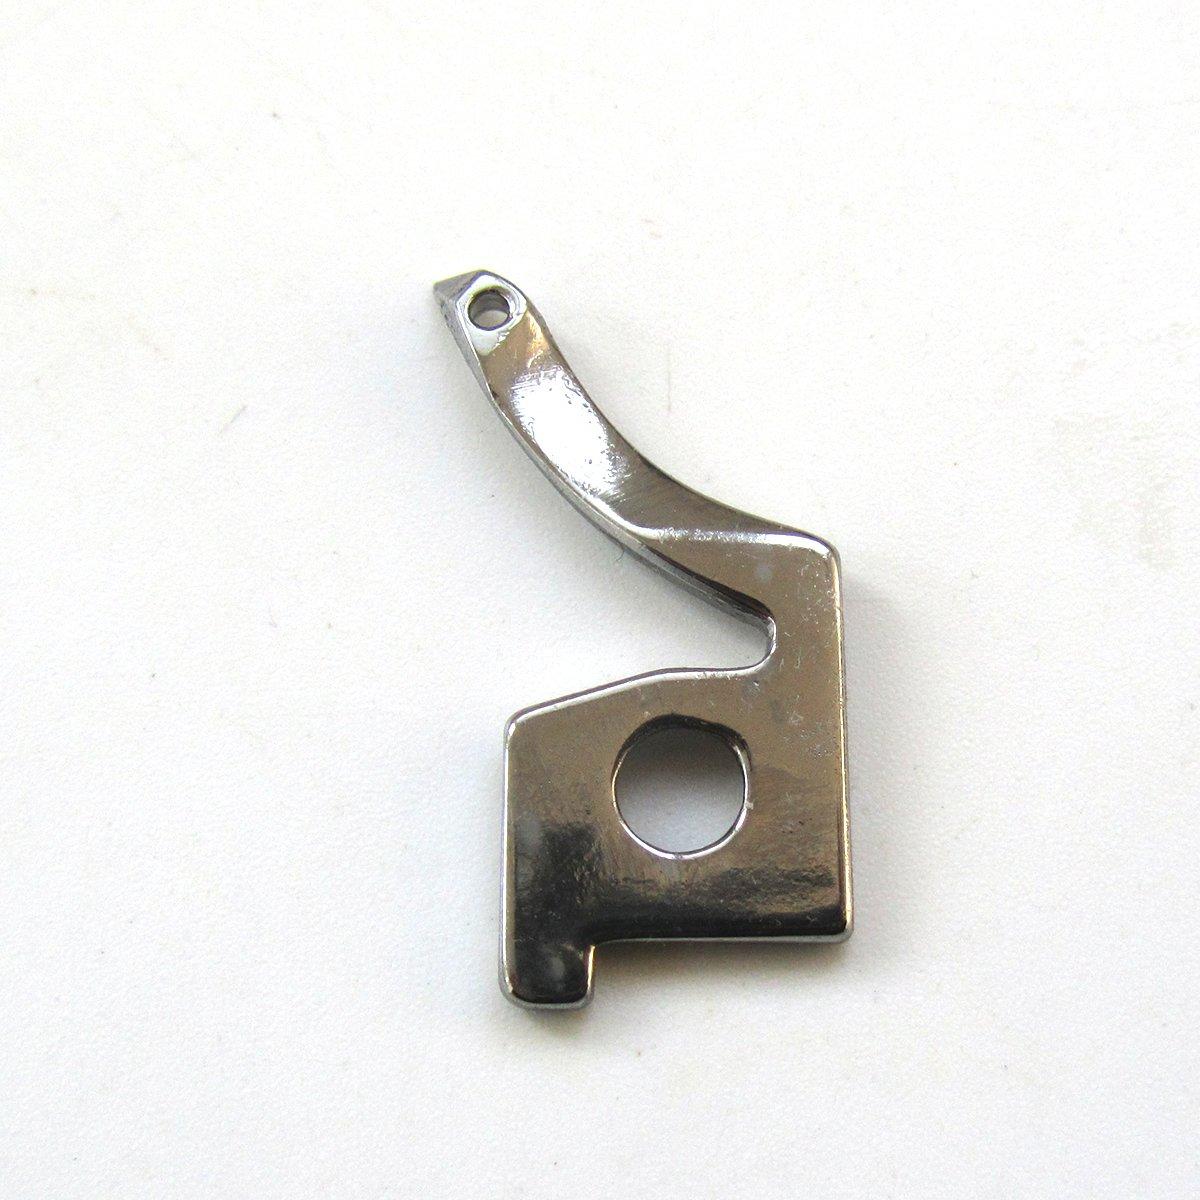 KUNPENG - Looper superior PARA BROTHER Serger Máquina de coser 1034D, 3034D, 925D, 929D, 935D # X77781-001 1 piezas: Amazon.es: Hogar